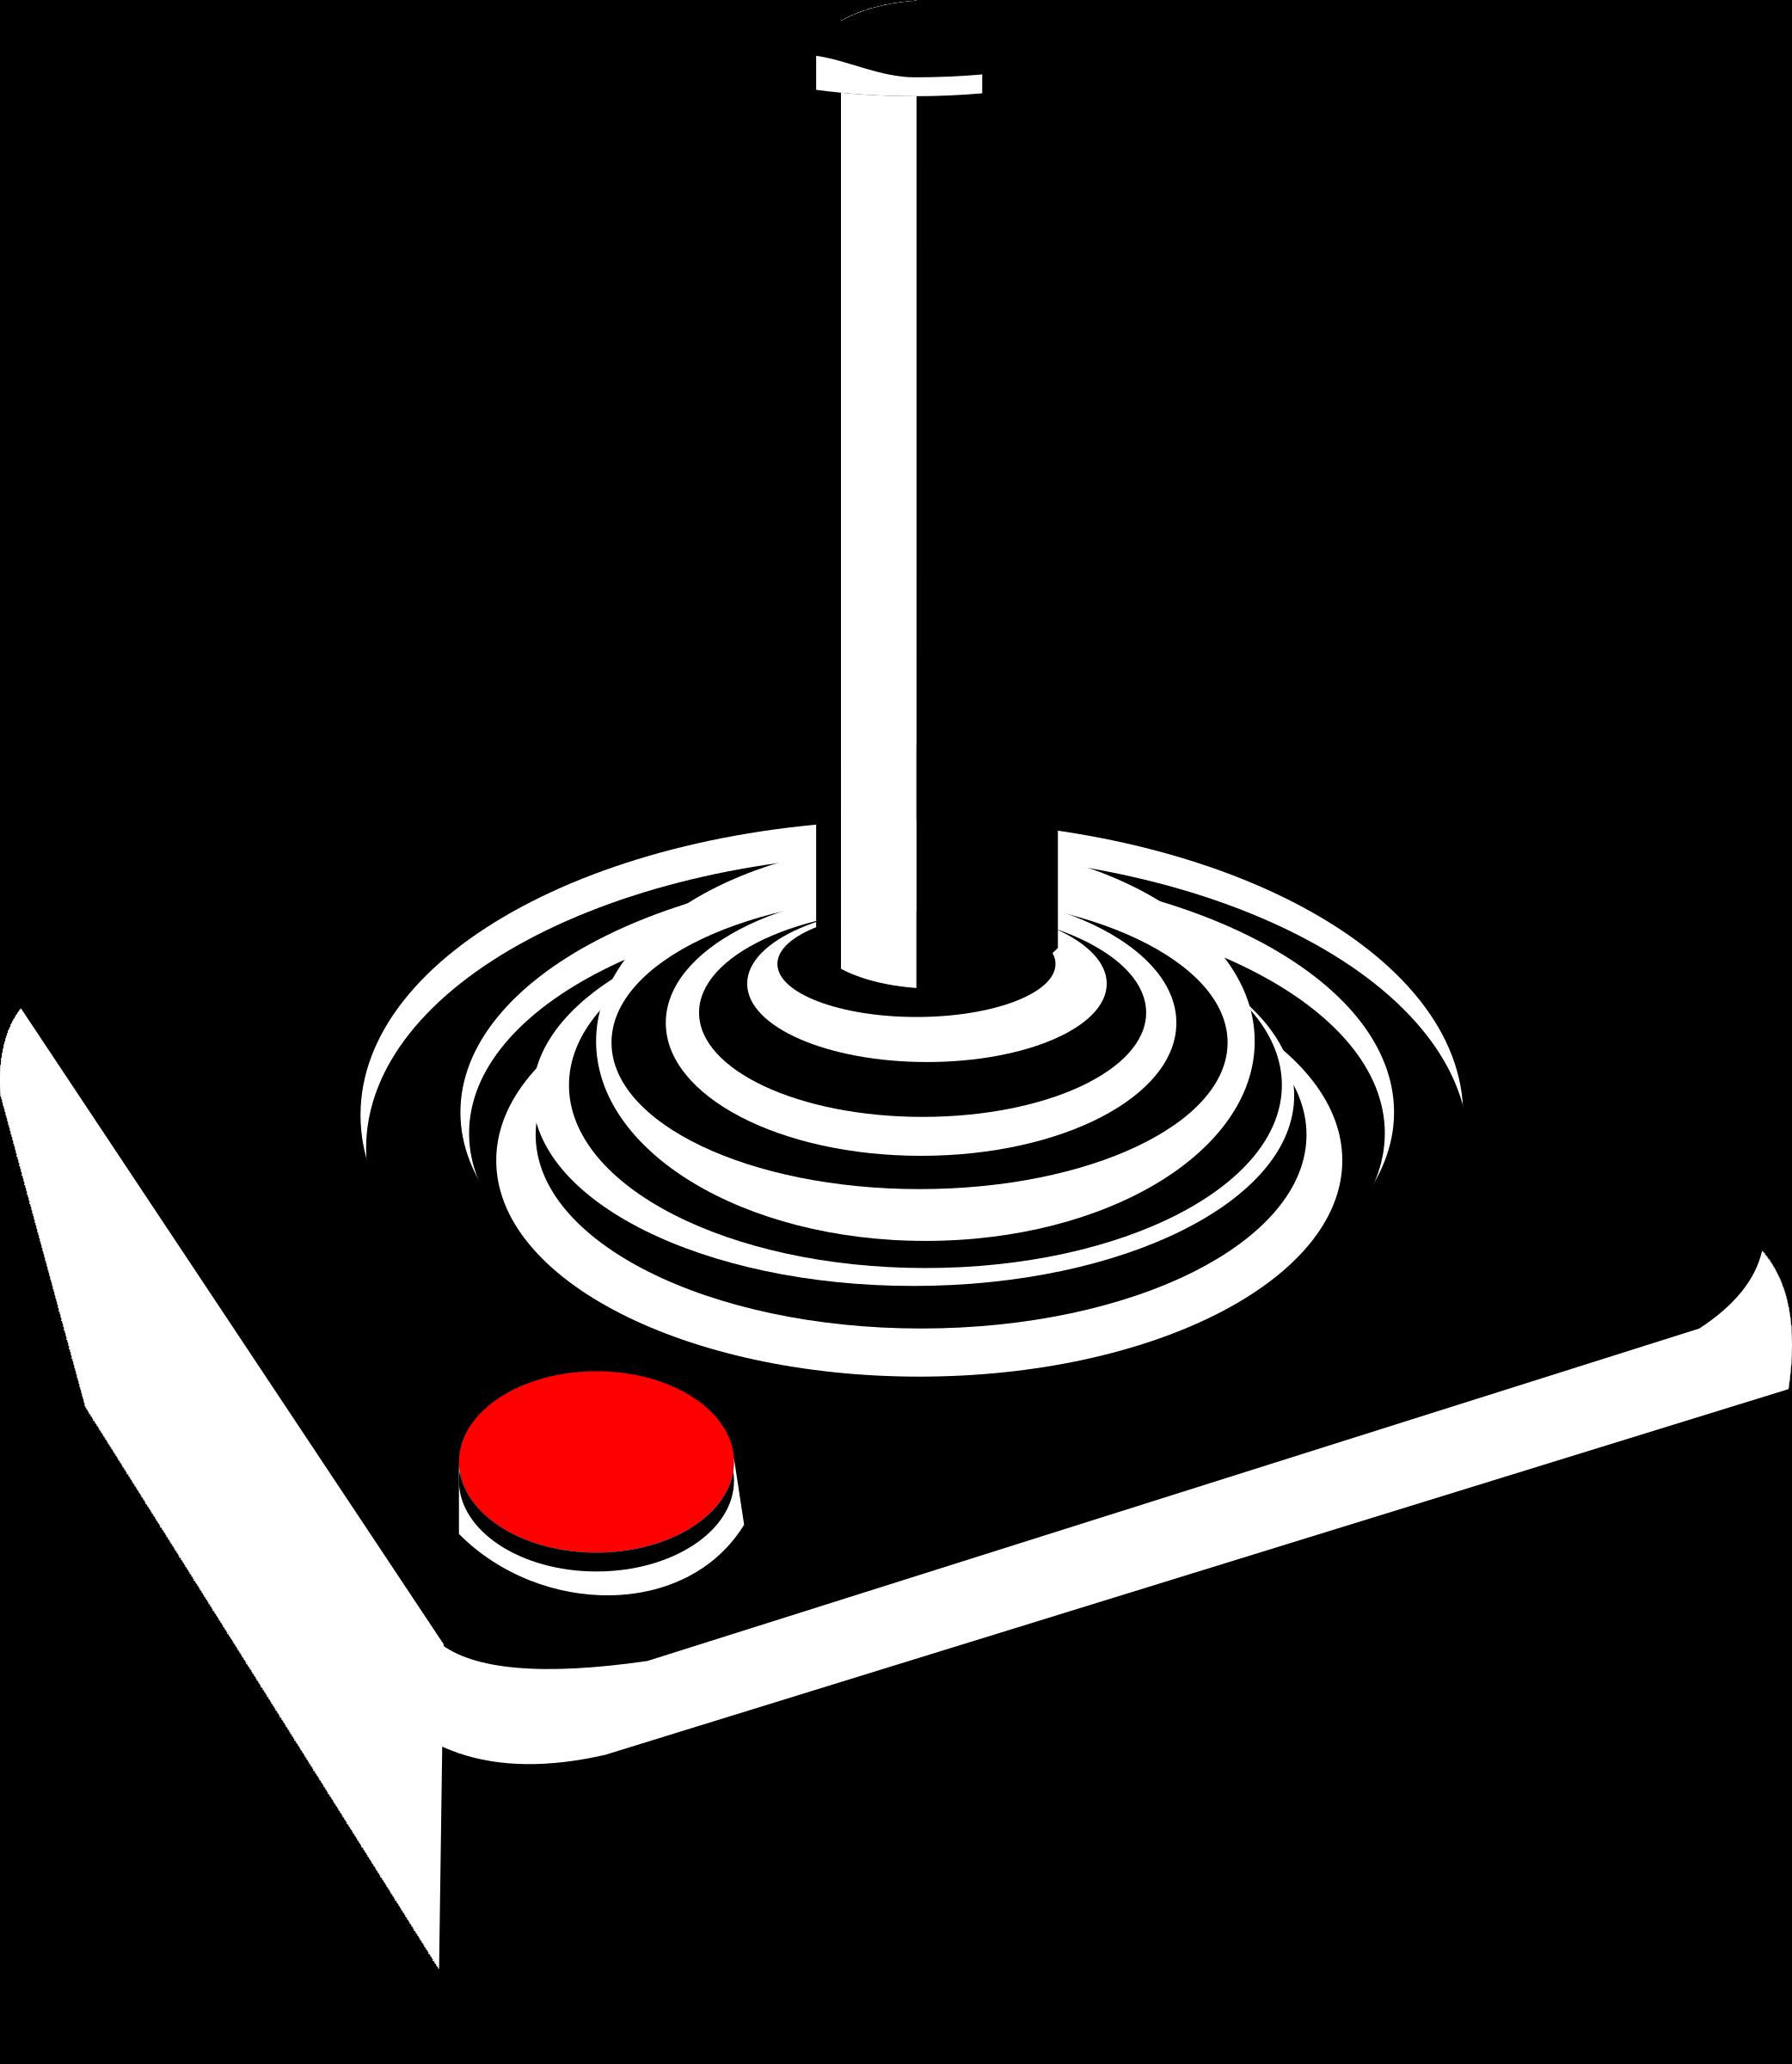 png royalty free download Retro joystick big image. Arcade clipart clip art.